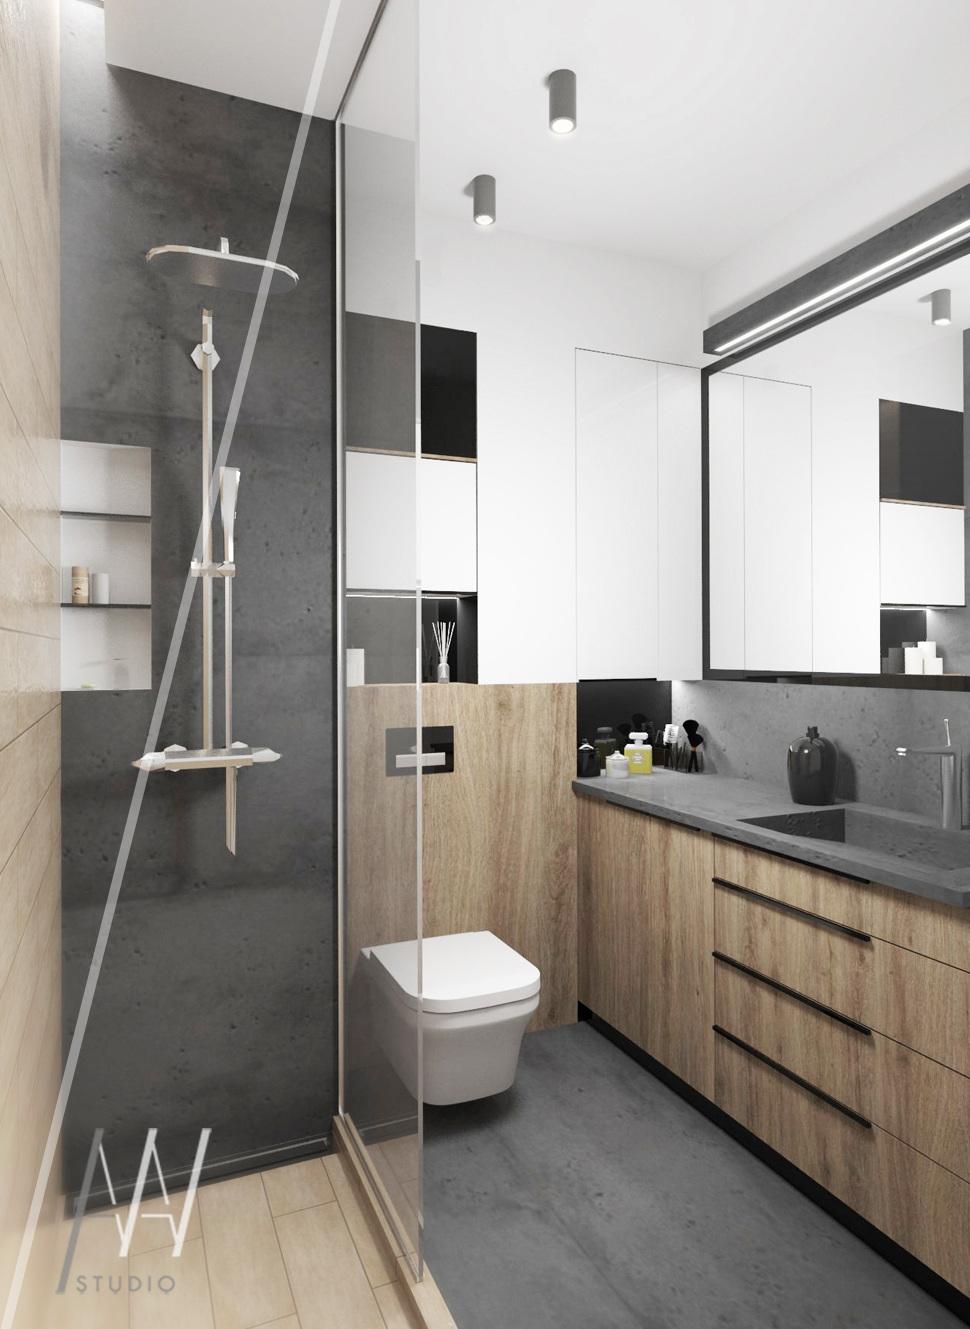 łazienka wersja 2